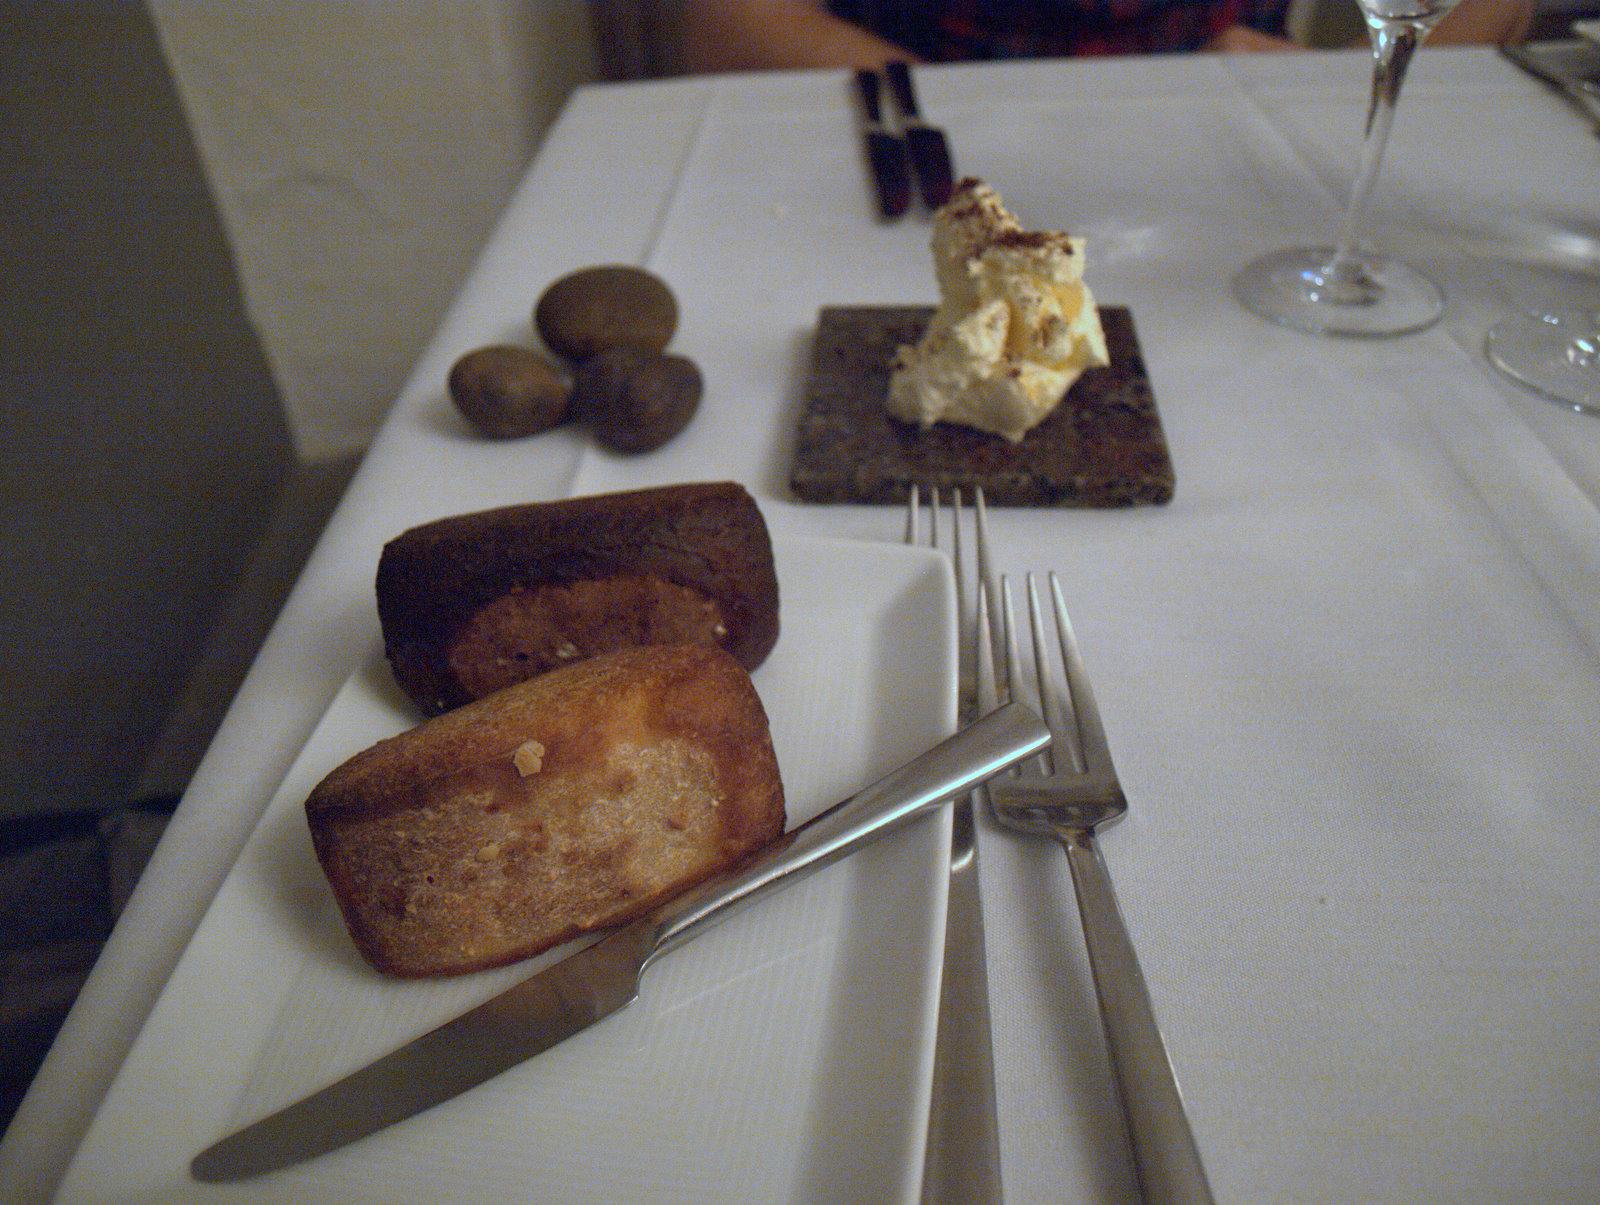 Lækkert brød; mørkt brød med fennikelfrø og mere traditionelt lyst brød